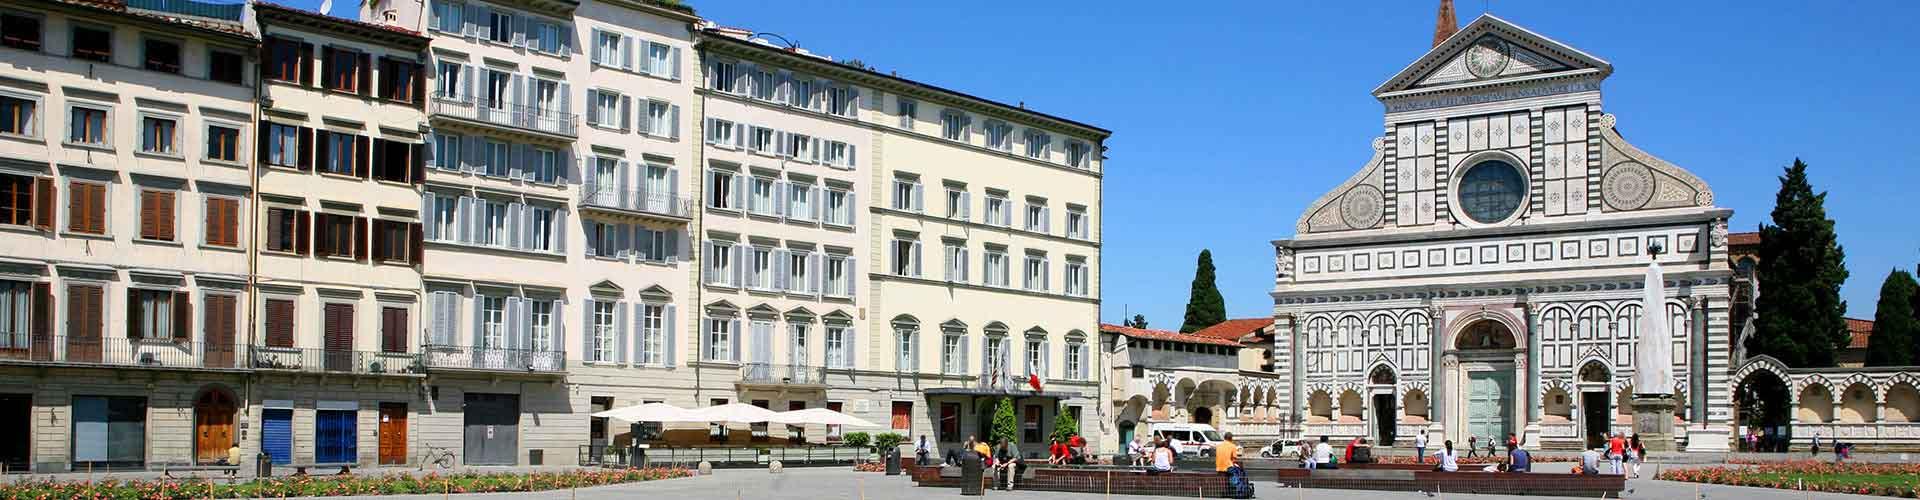 Florencia - Hostales en el distrito Santa Maria Novella. Mapas de Florencia, Fotos y comentarios de cada hostal en Florencia.